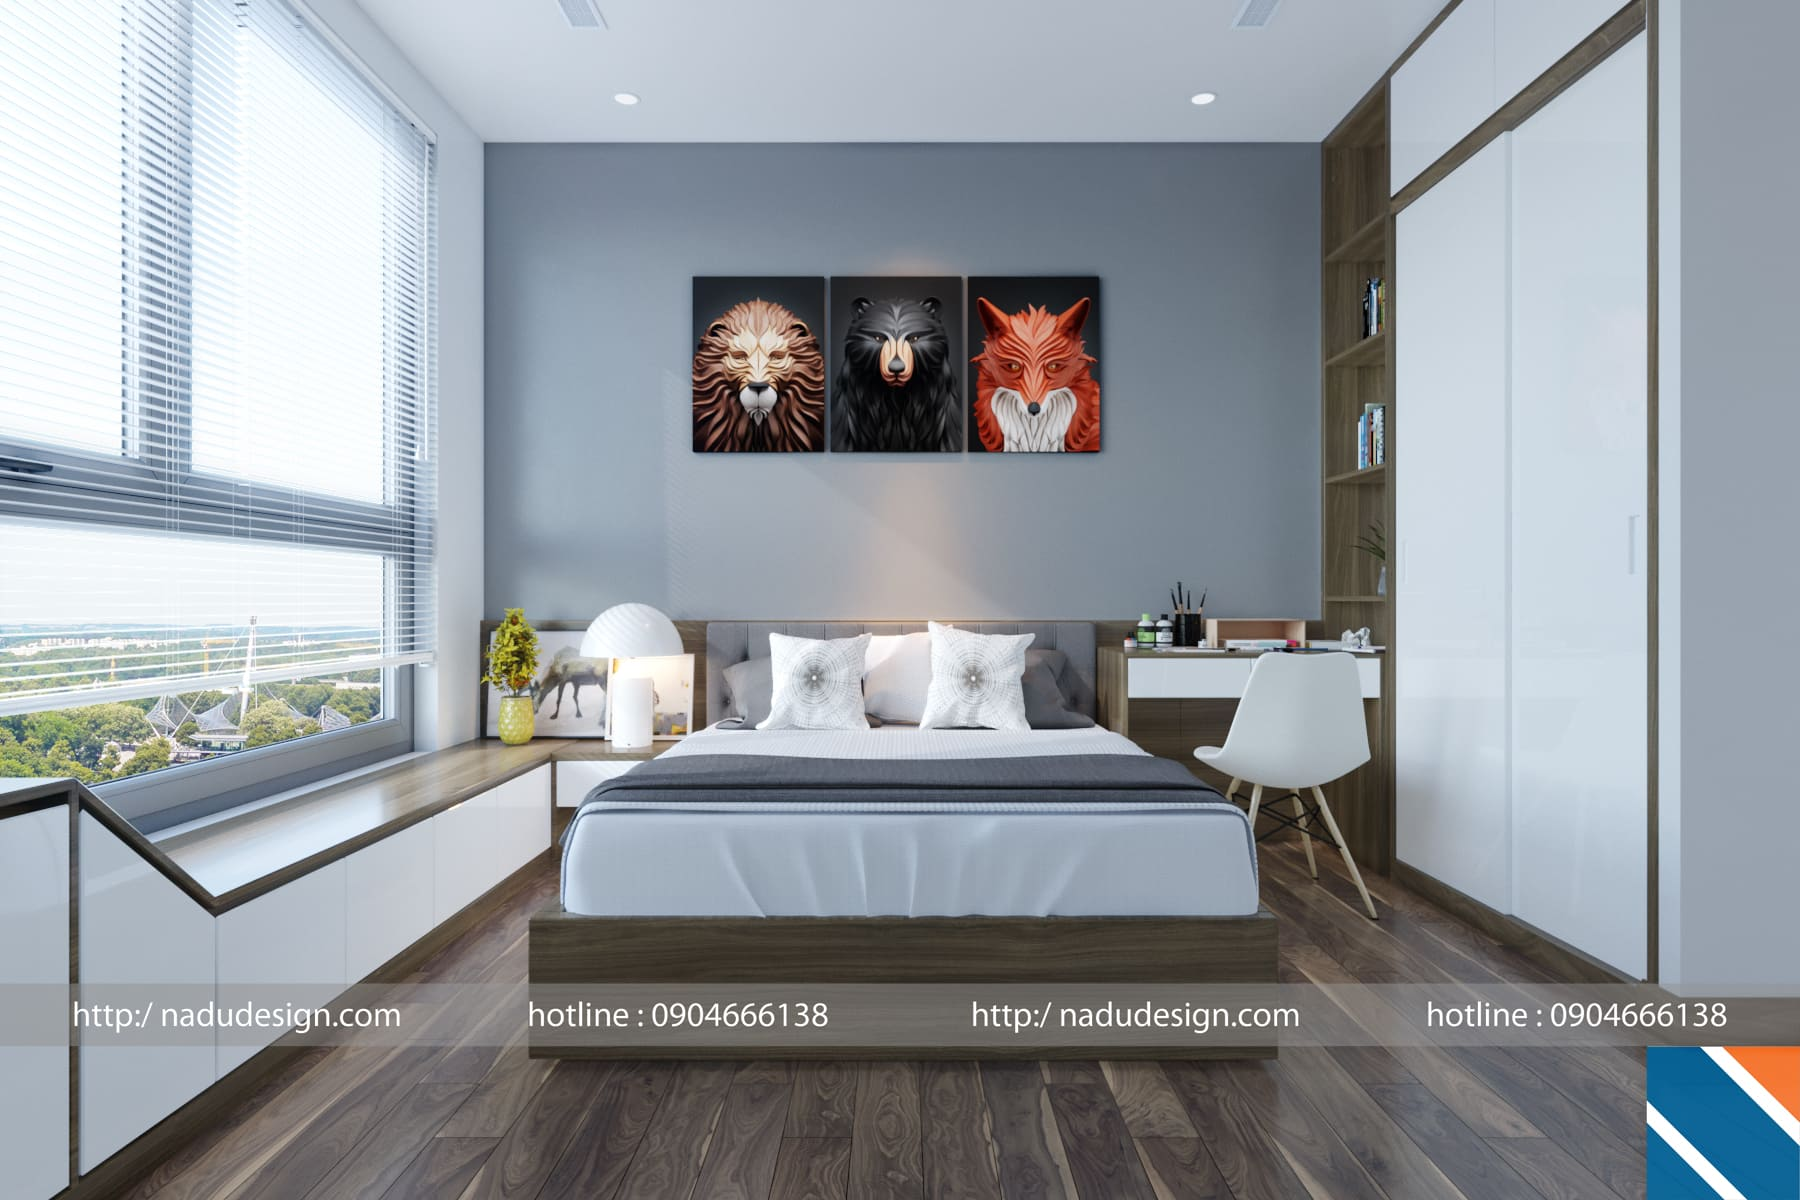 Thiết kế nội thất phong cách hiện đại ảnh 2